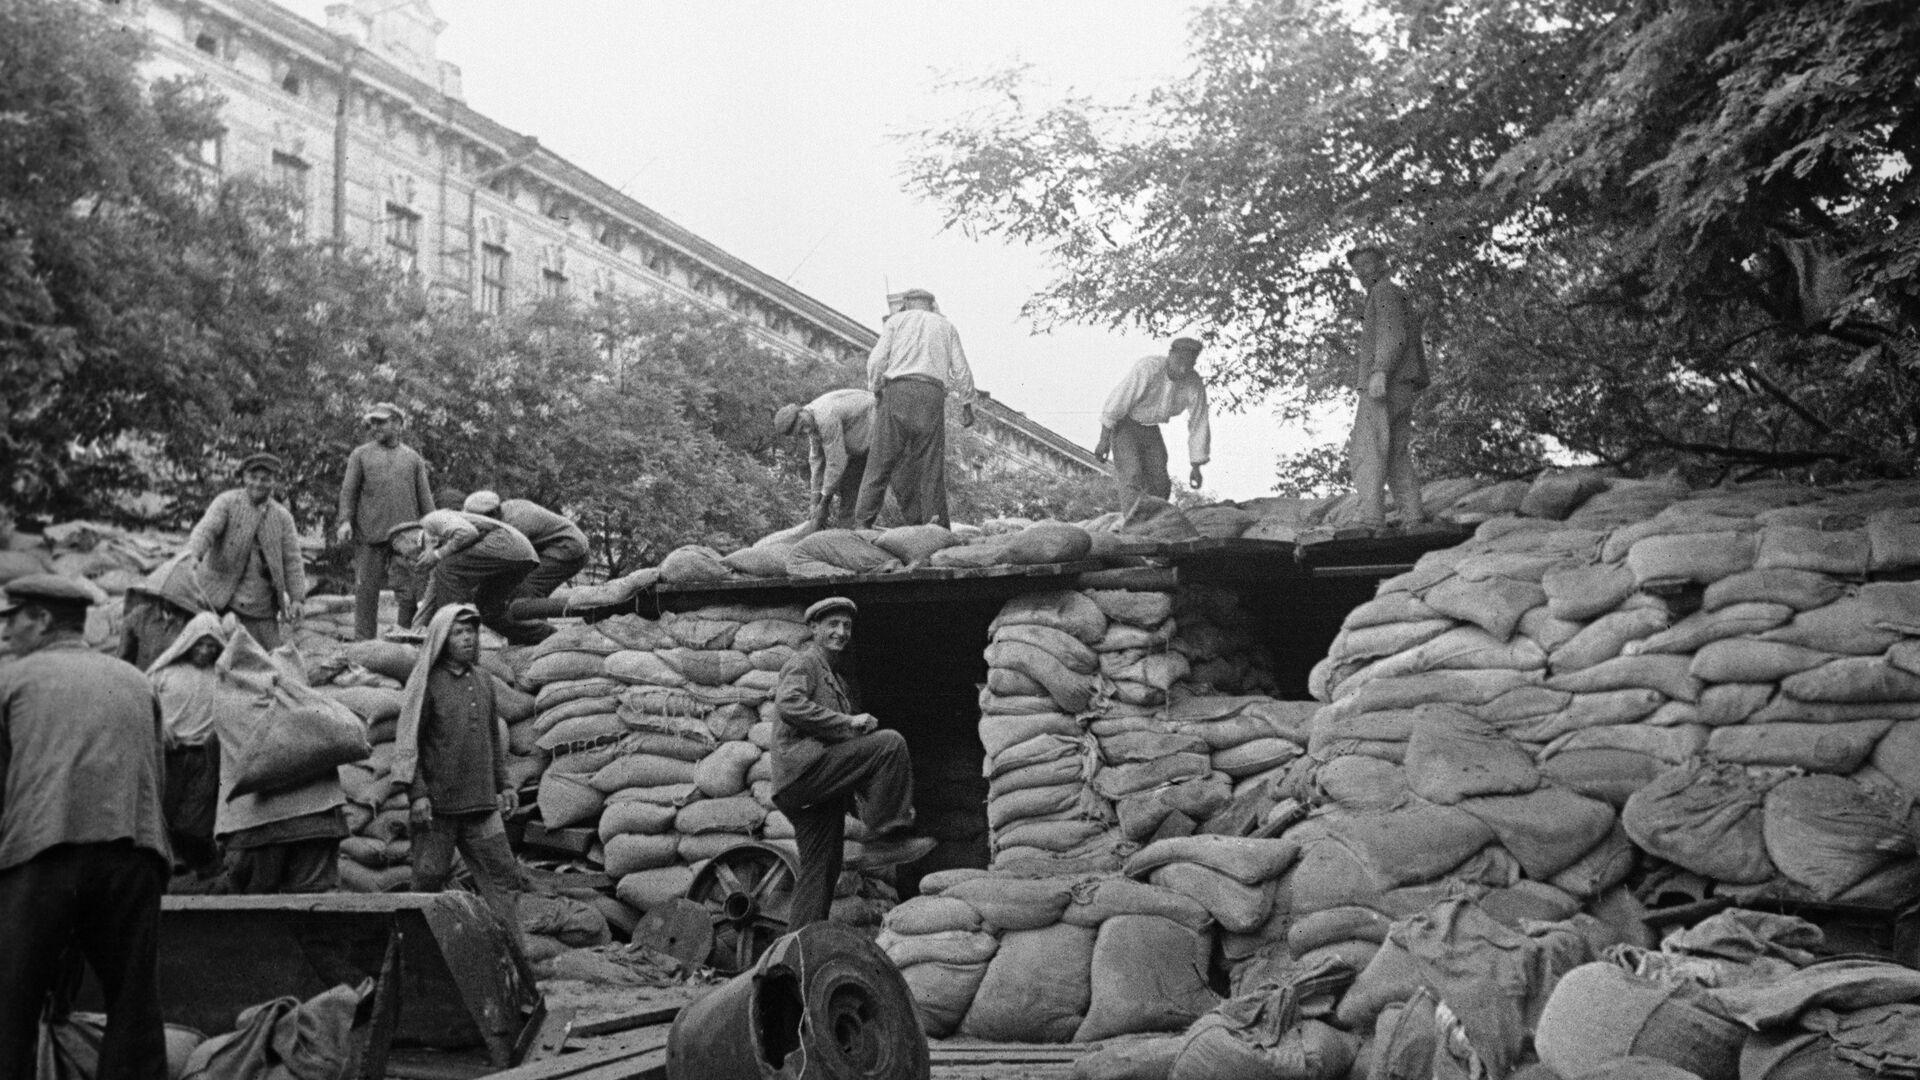 Жители Киева готовятся к обороне. Сентябрь 1941 года  - РИА Новости, 1920, 23.07.2021